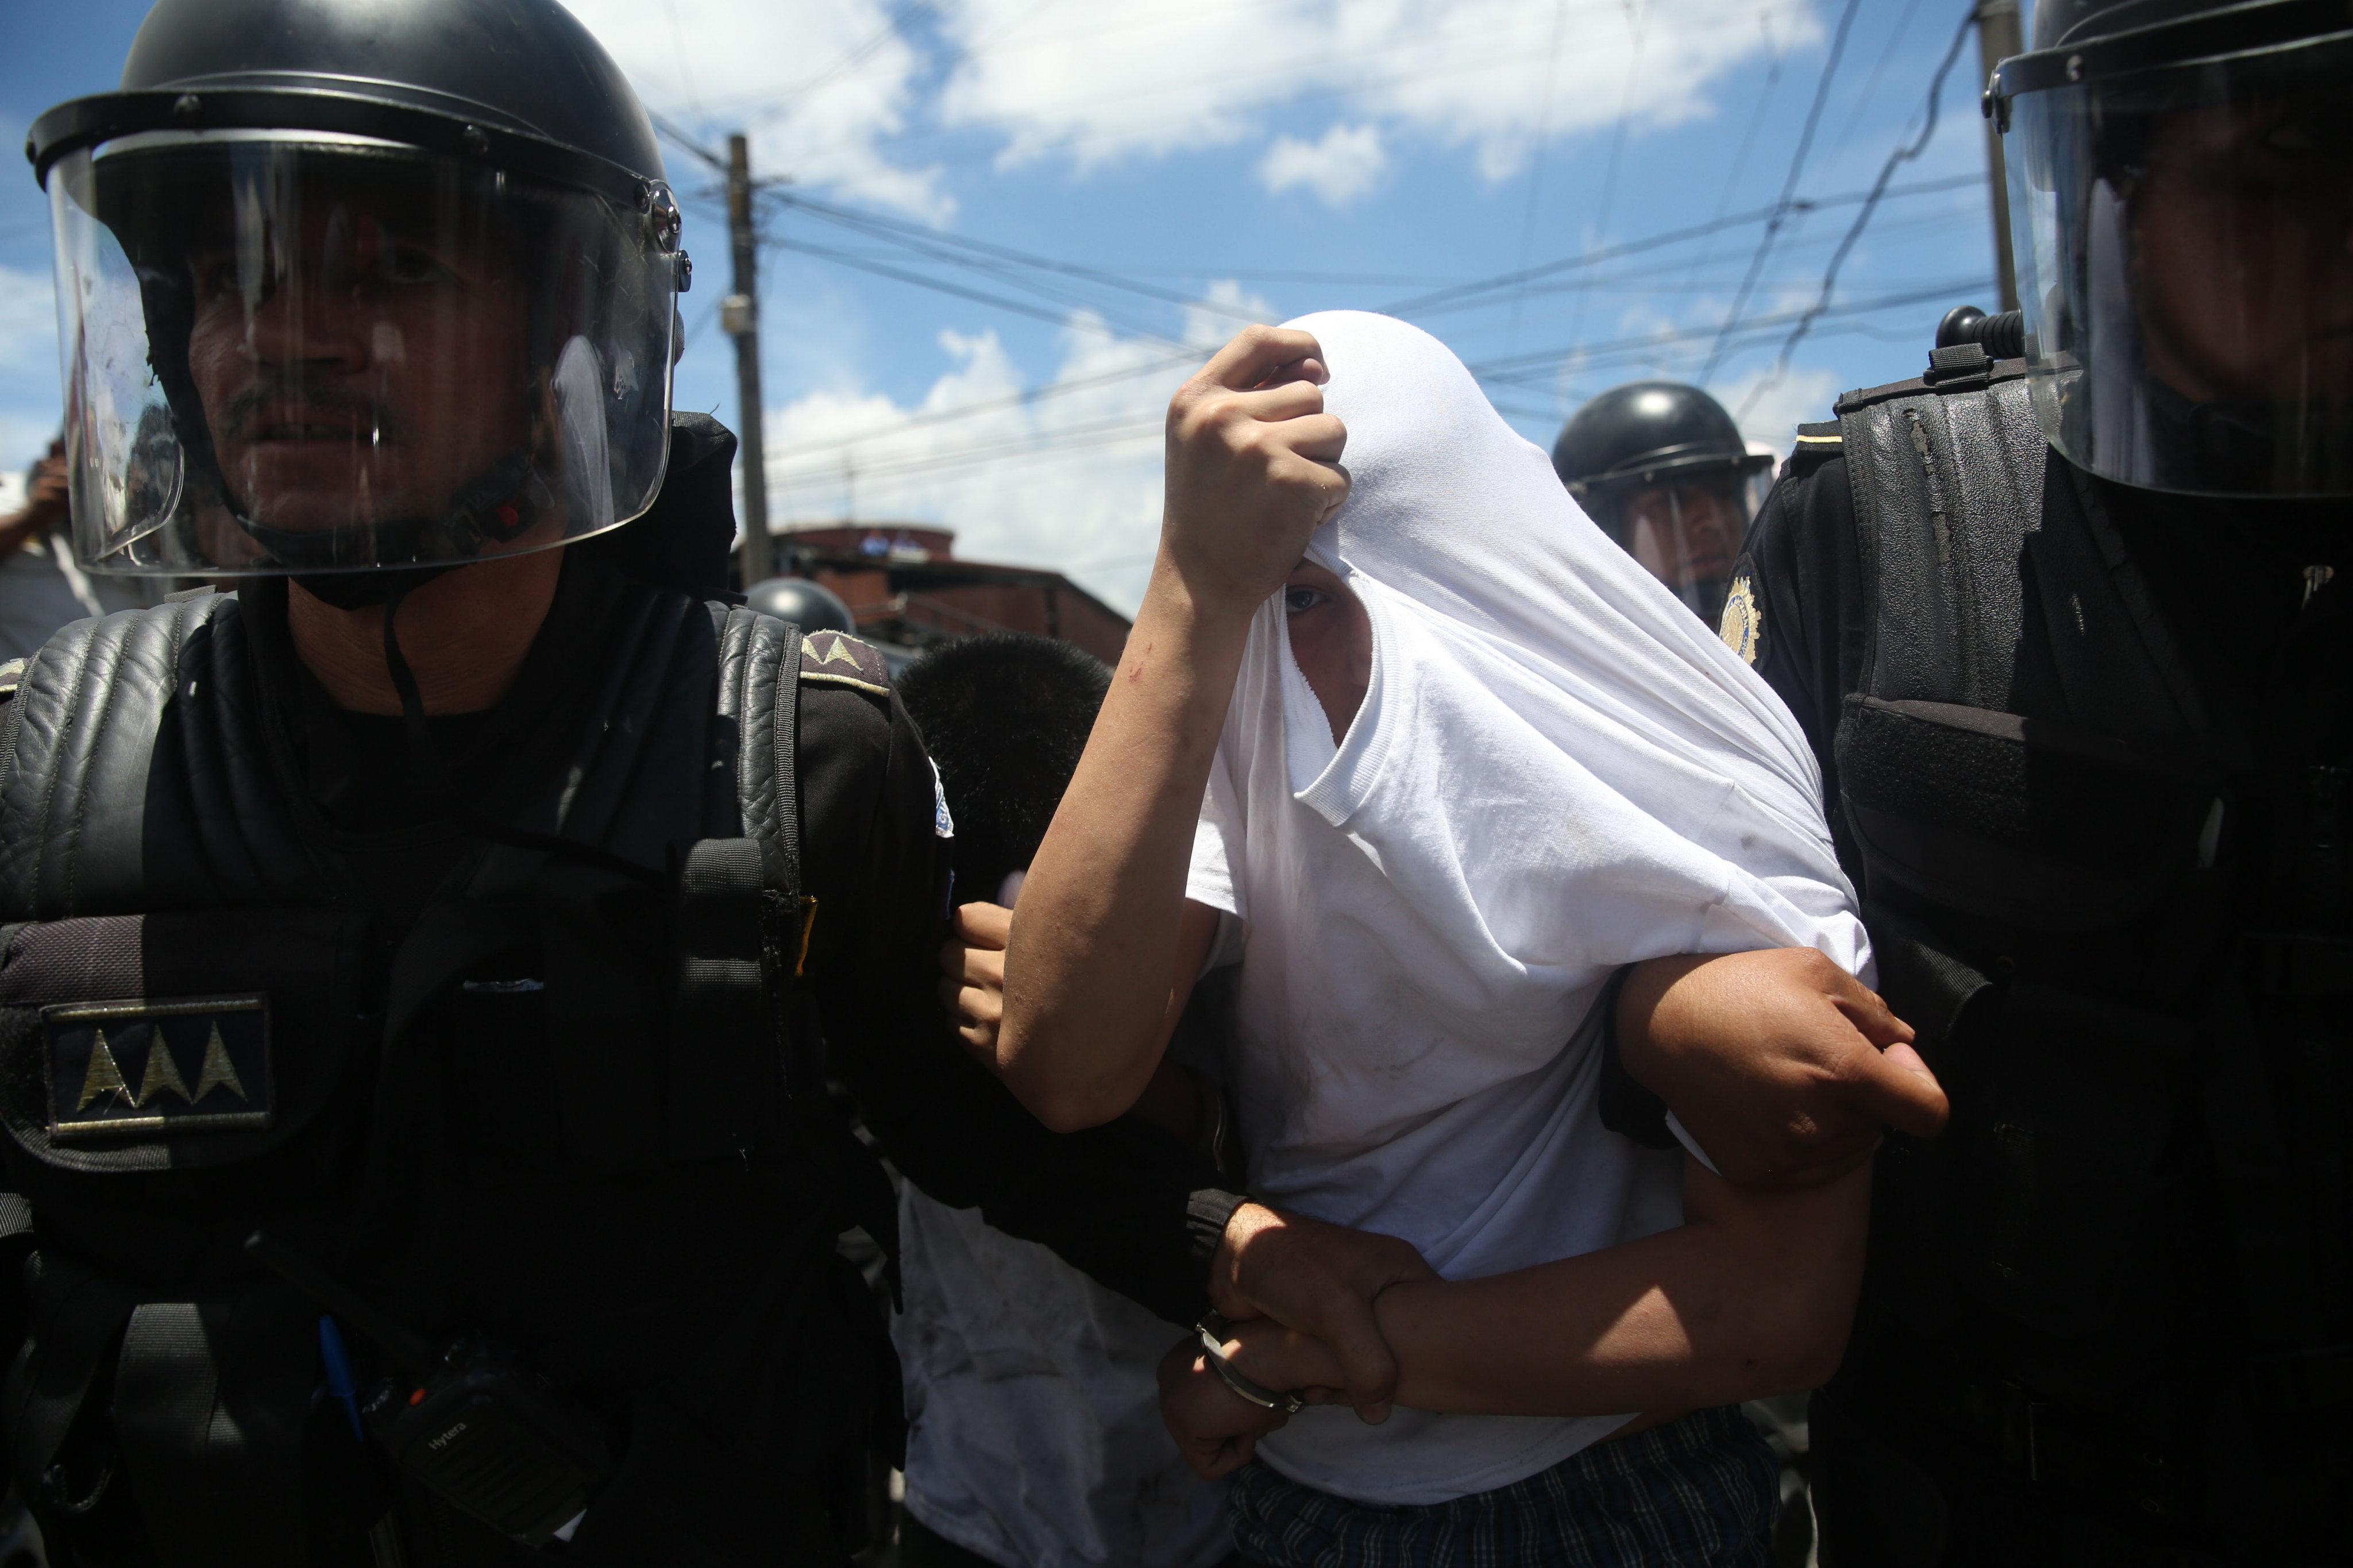 """GU1001. CIUDAD DE GUATEMALA (GUATEMALA), 24/07/2017.- Agentes de policías detienen a un recluso que intentó huir de un centro correccional de menores, hoy, lunes, 24 de julio de 2017. Al menos 12 presos resultaron heridos este luns en un nuevo motín en el correccional """"Las Gaviotas"""", informaron fuentes oficiales. El ministro de Gobernación (Interior), Francisco Rivas, explicó en rueda de prensa que el motín se inició por una riña entre dos grupos de detenidos conocidos como """"los paisas"""" y la """"Mara Salvatrucha"""". EFE/Esteban Biba"""